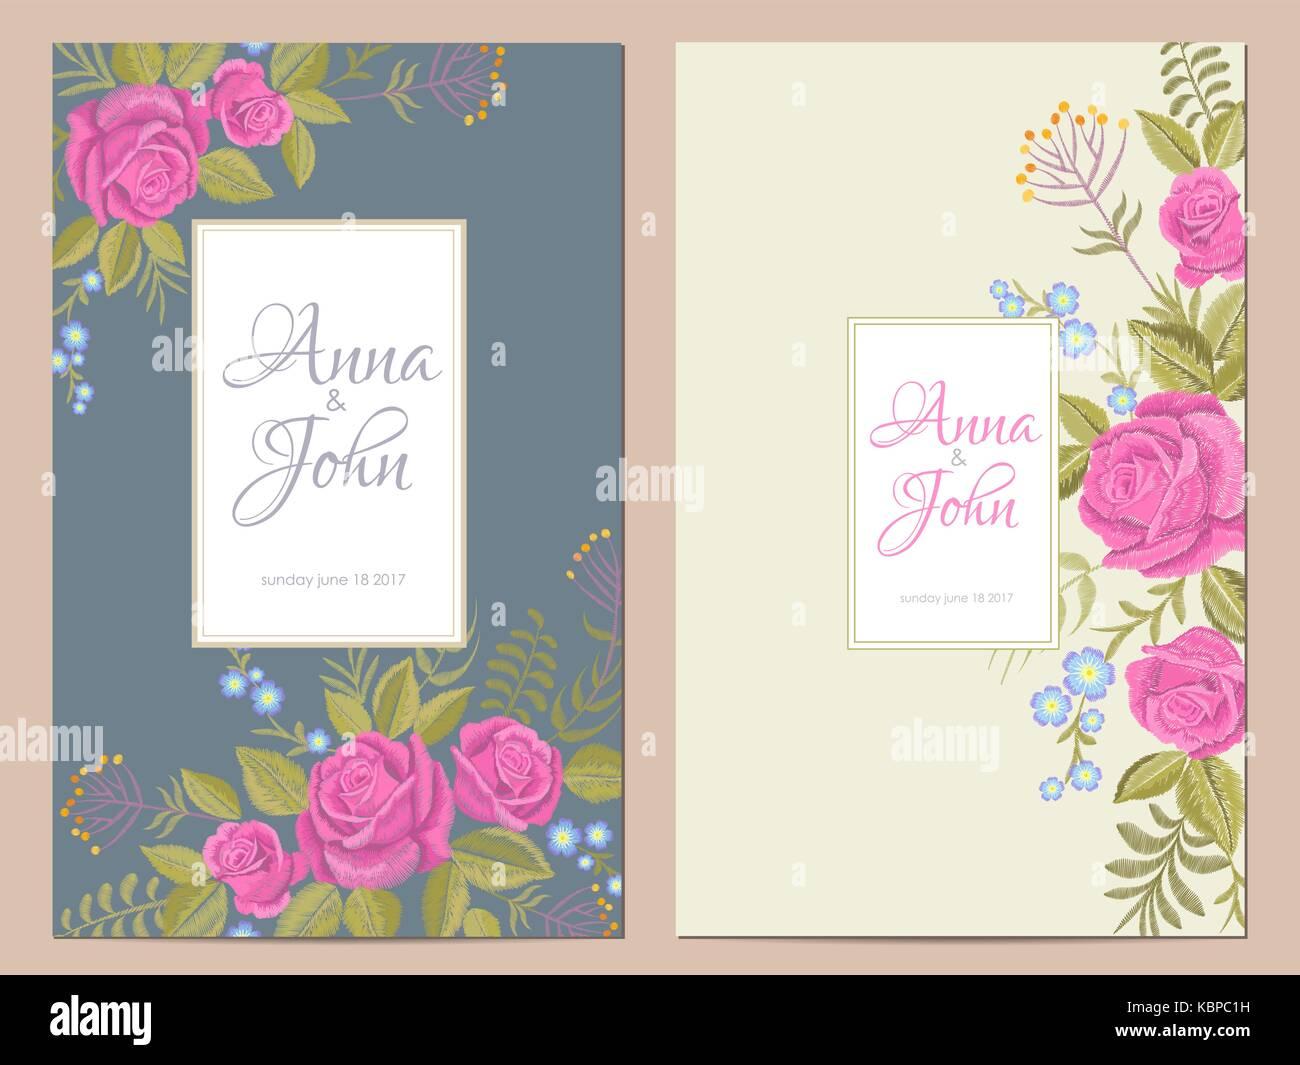 Zarte Blumen Hochzeit Einladung. Datum Speichern Grußkarte Floral Design.  Rosa Rose Rustikalen Traditionelle Vintage Stickerei Vector Template Kunst